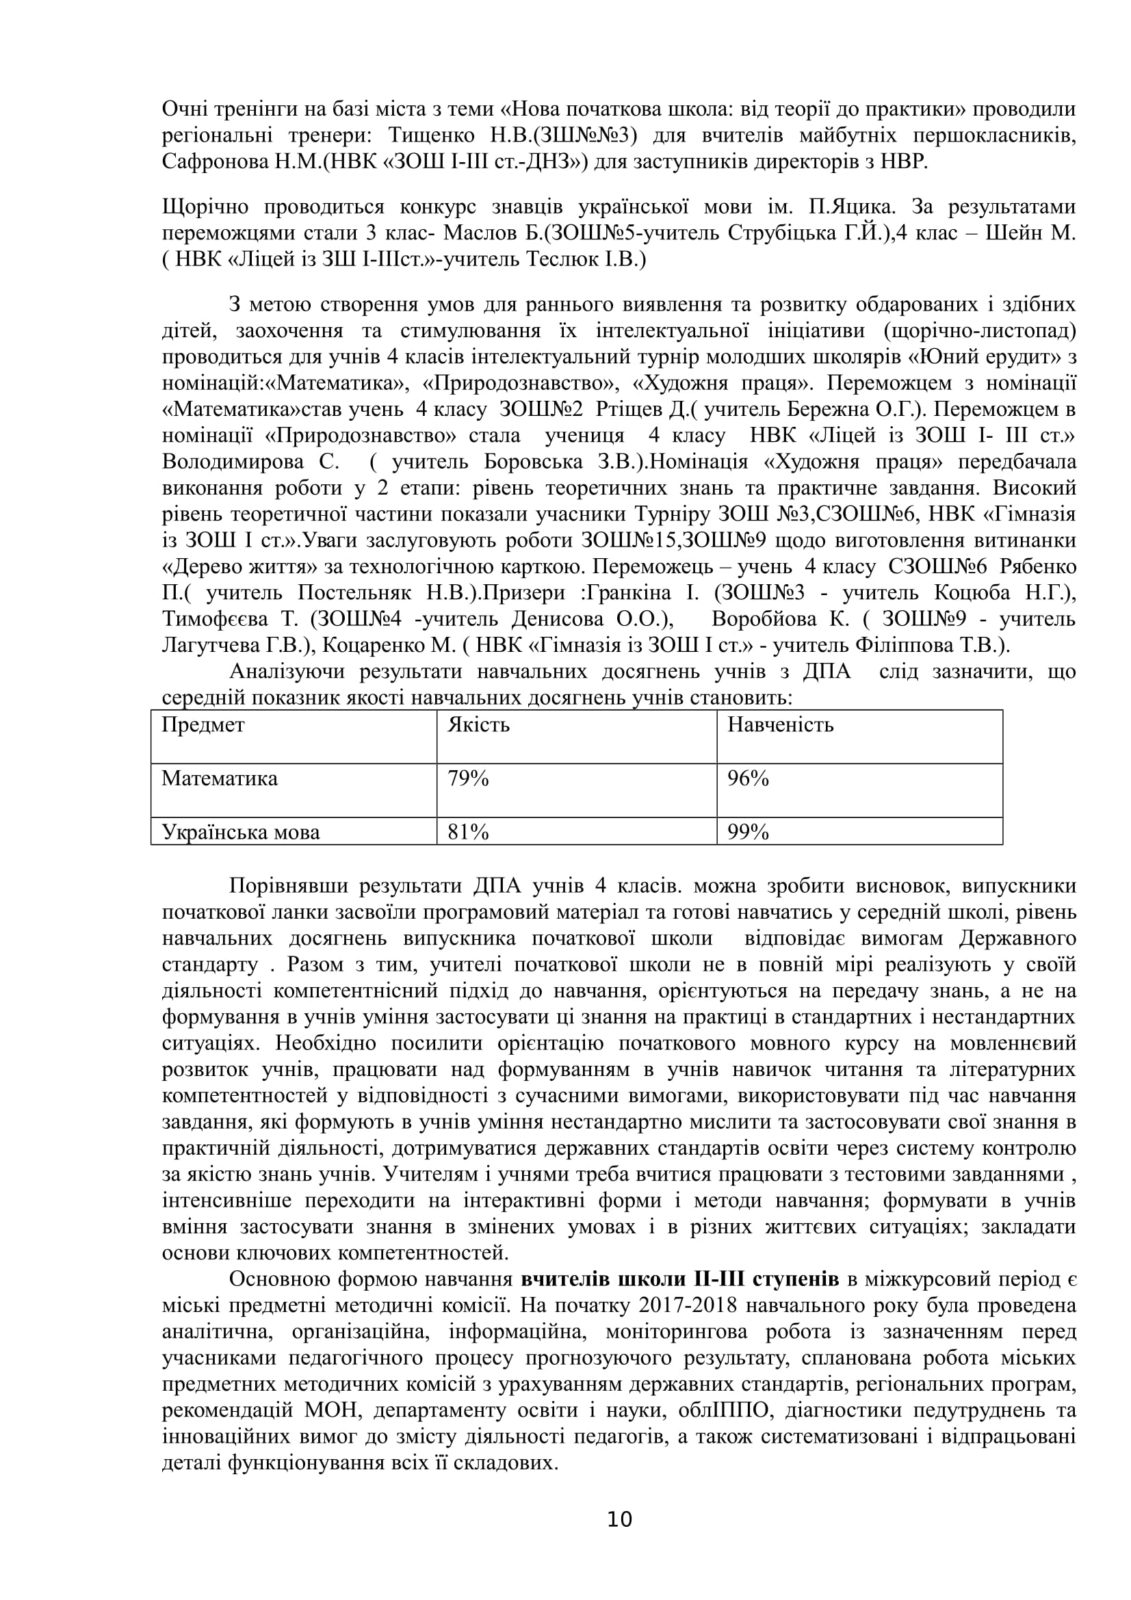 Костянтинівка 2018-2019 - ММК план роботи-11